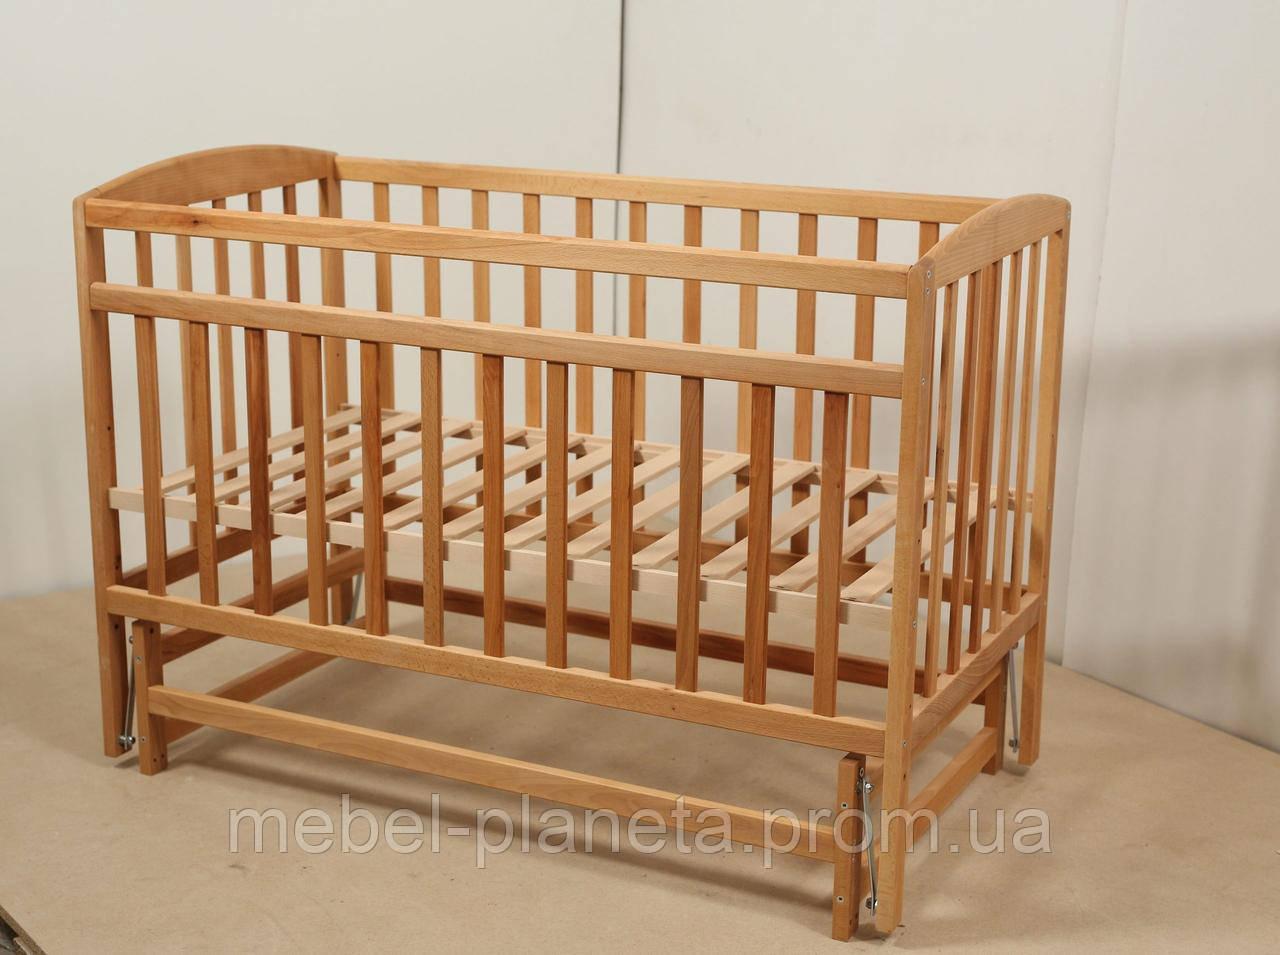 """Ліжечко для новонароджених """"VALERI Валері"""" на підшипниках (600*1200) (бук)"""